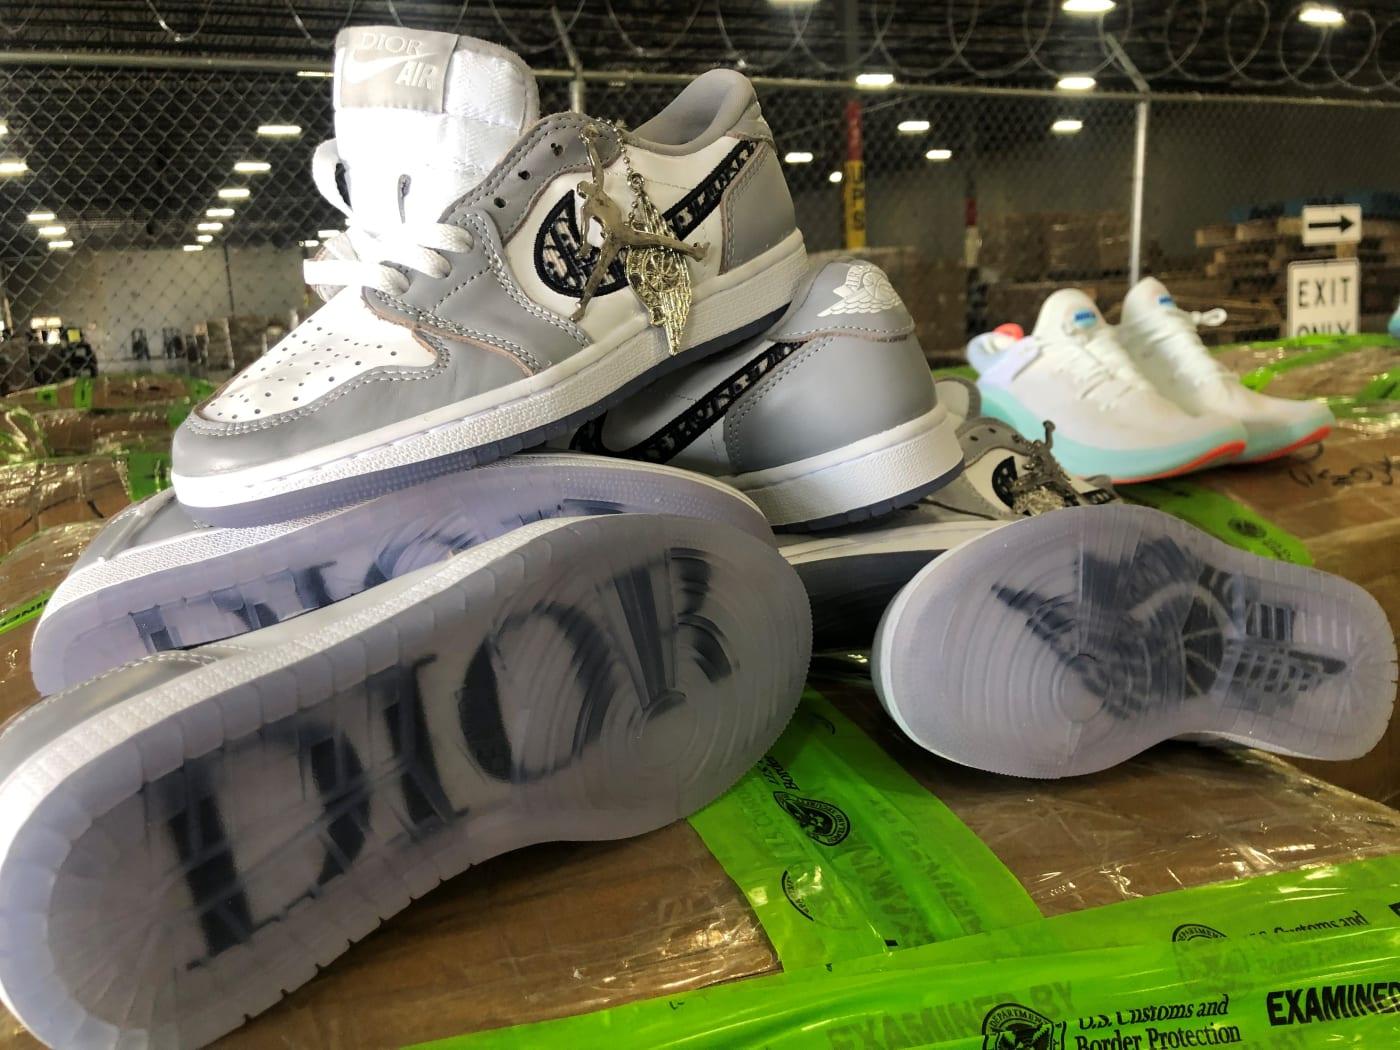 Counterfeit Dior Air Jordan Sneakers